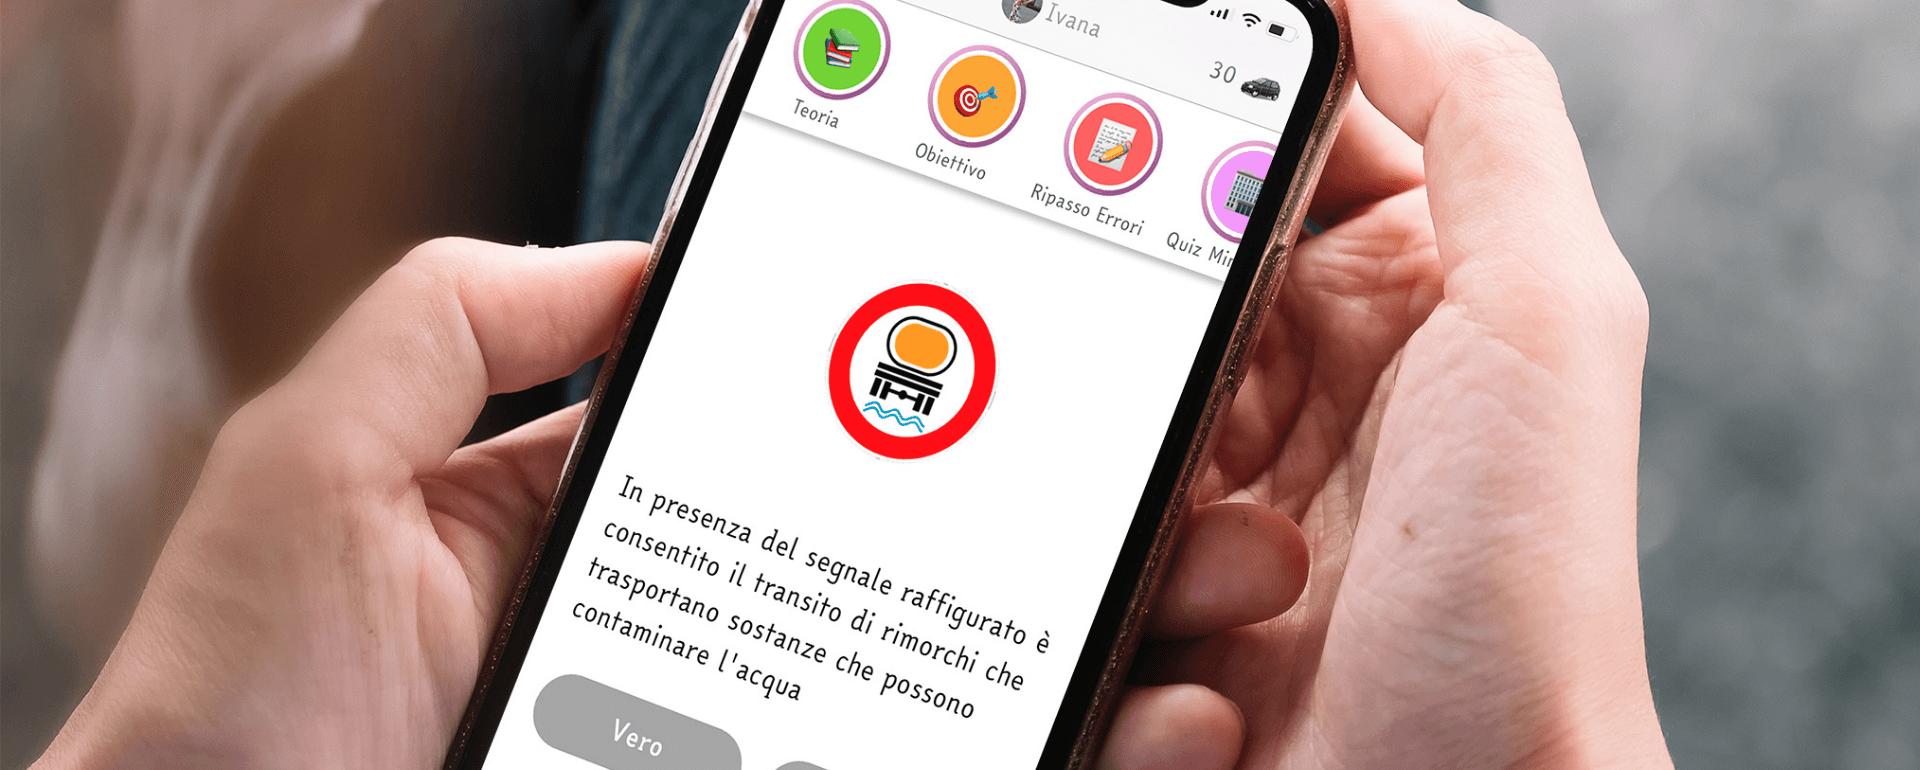 La App inclusiva: Quiz Patente con il carattere ad alta leggibilità